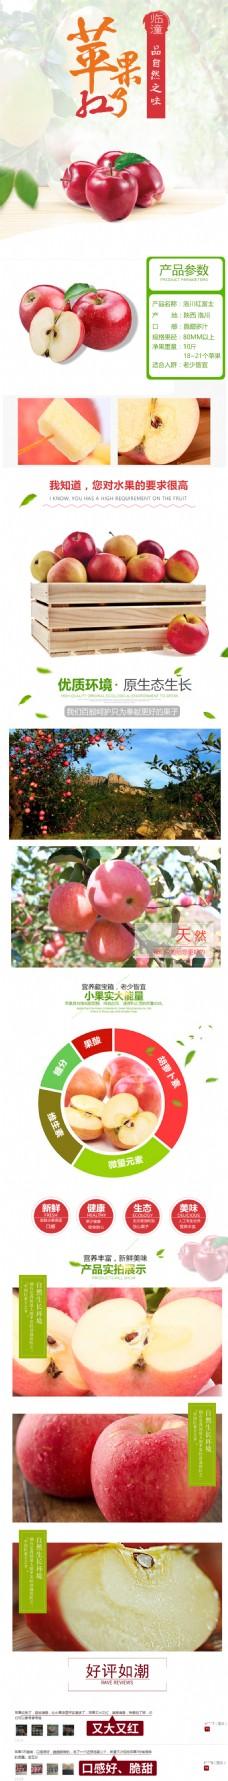 天猫淘宝水果美食苹果详情页psd模板